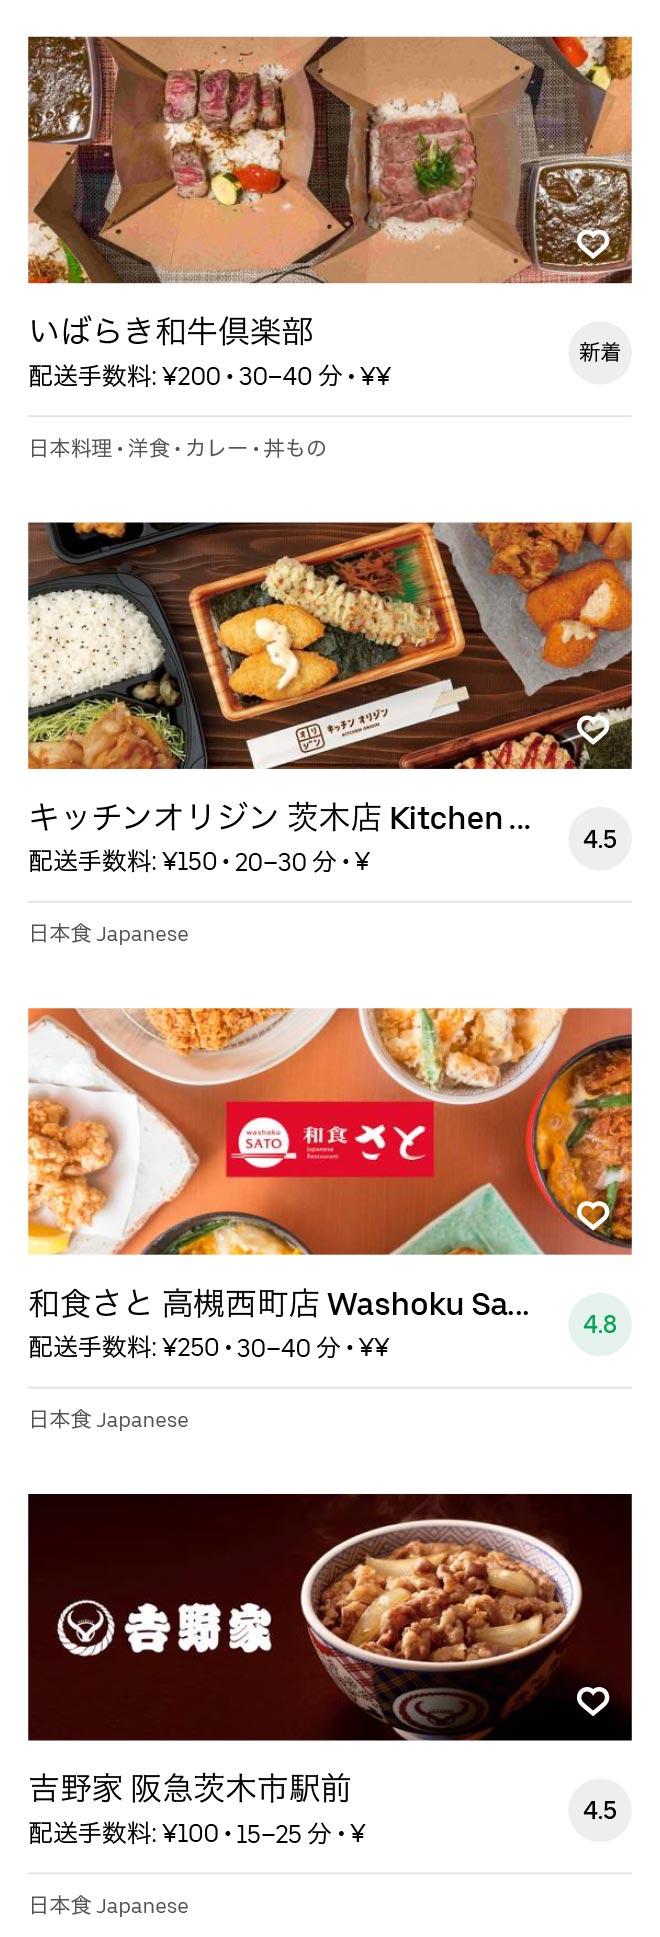 Ibaraki shi menu 2008 04